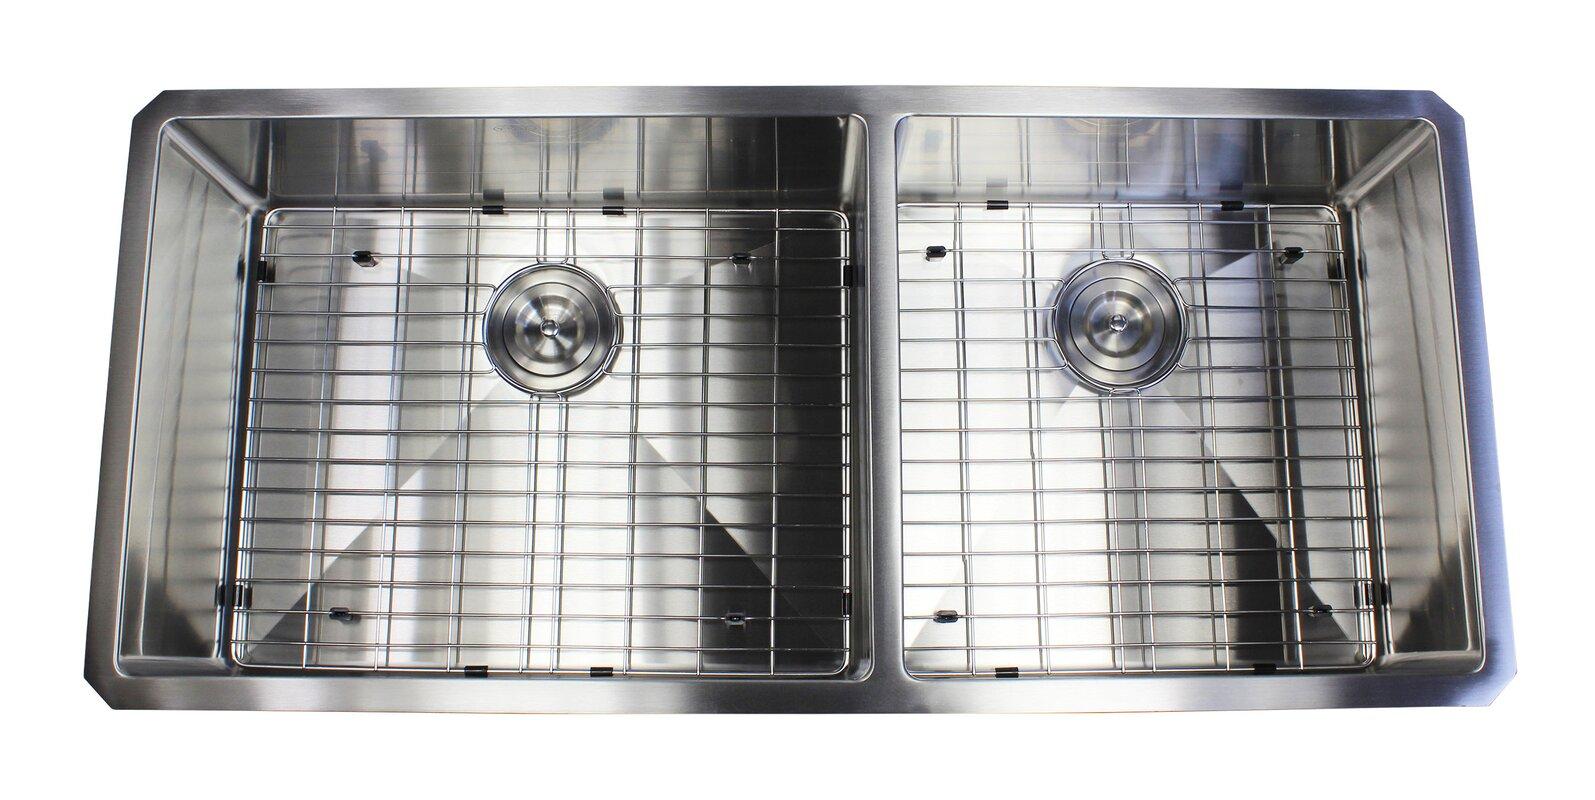 Kitchen Sink Grid Stainless Steel Ariel premium stainless steel 42 x 19 double basin undermount ariel premium stainless steel 42 x 19 double basin undermount kitchen sink with sink workwithnaturefo